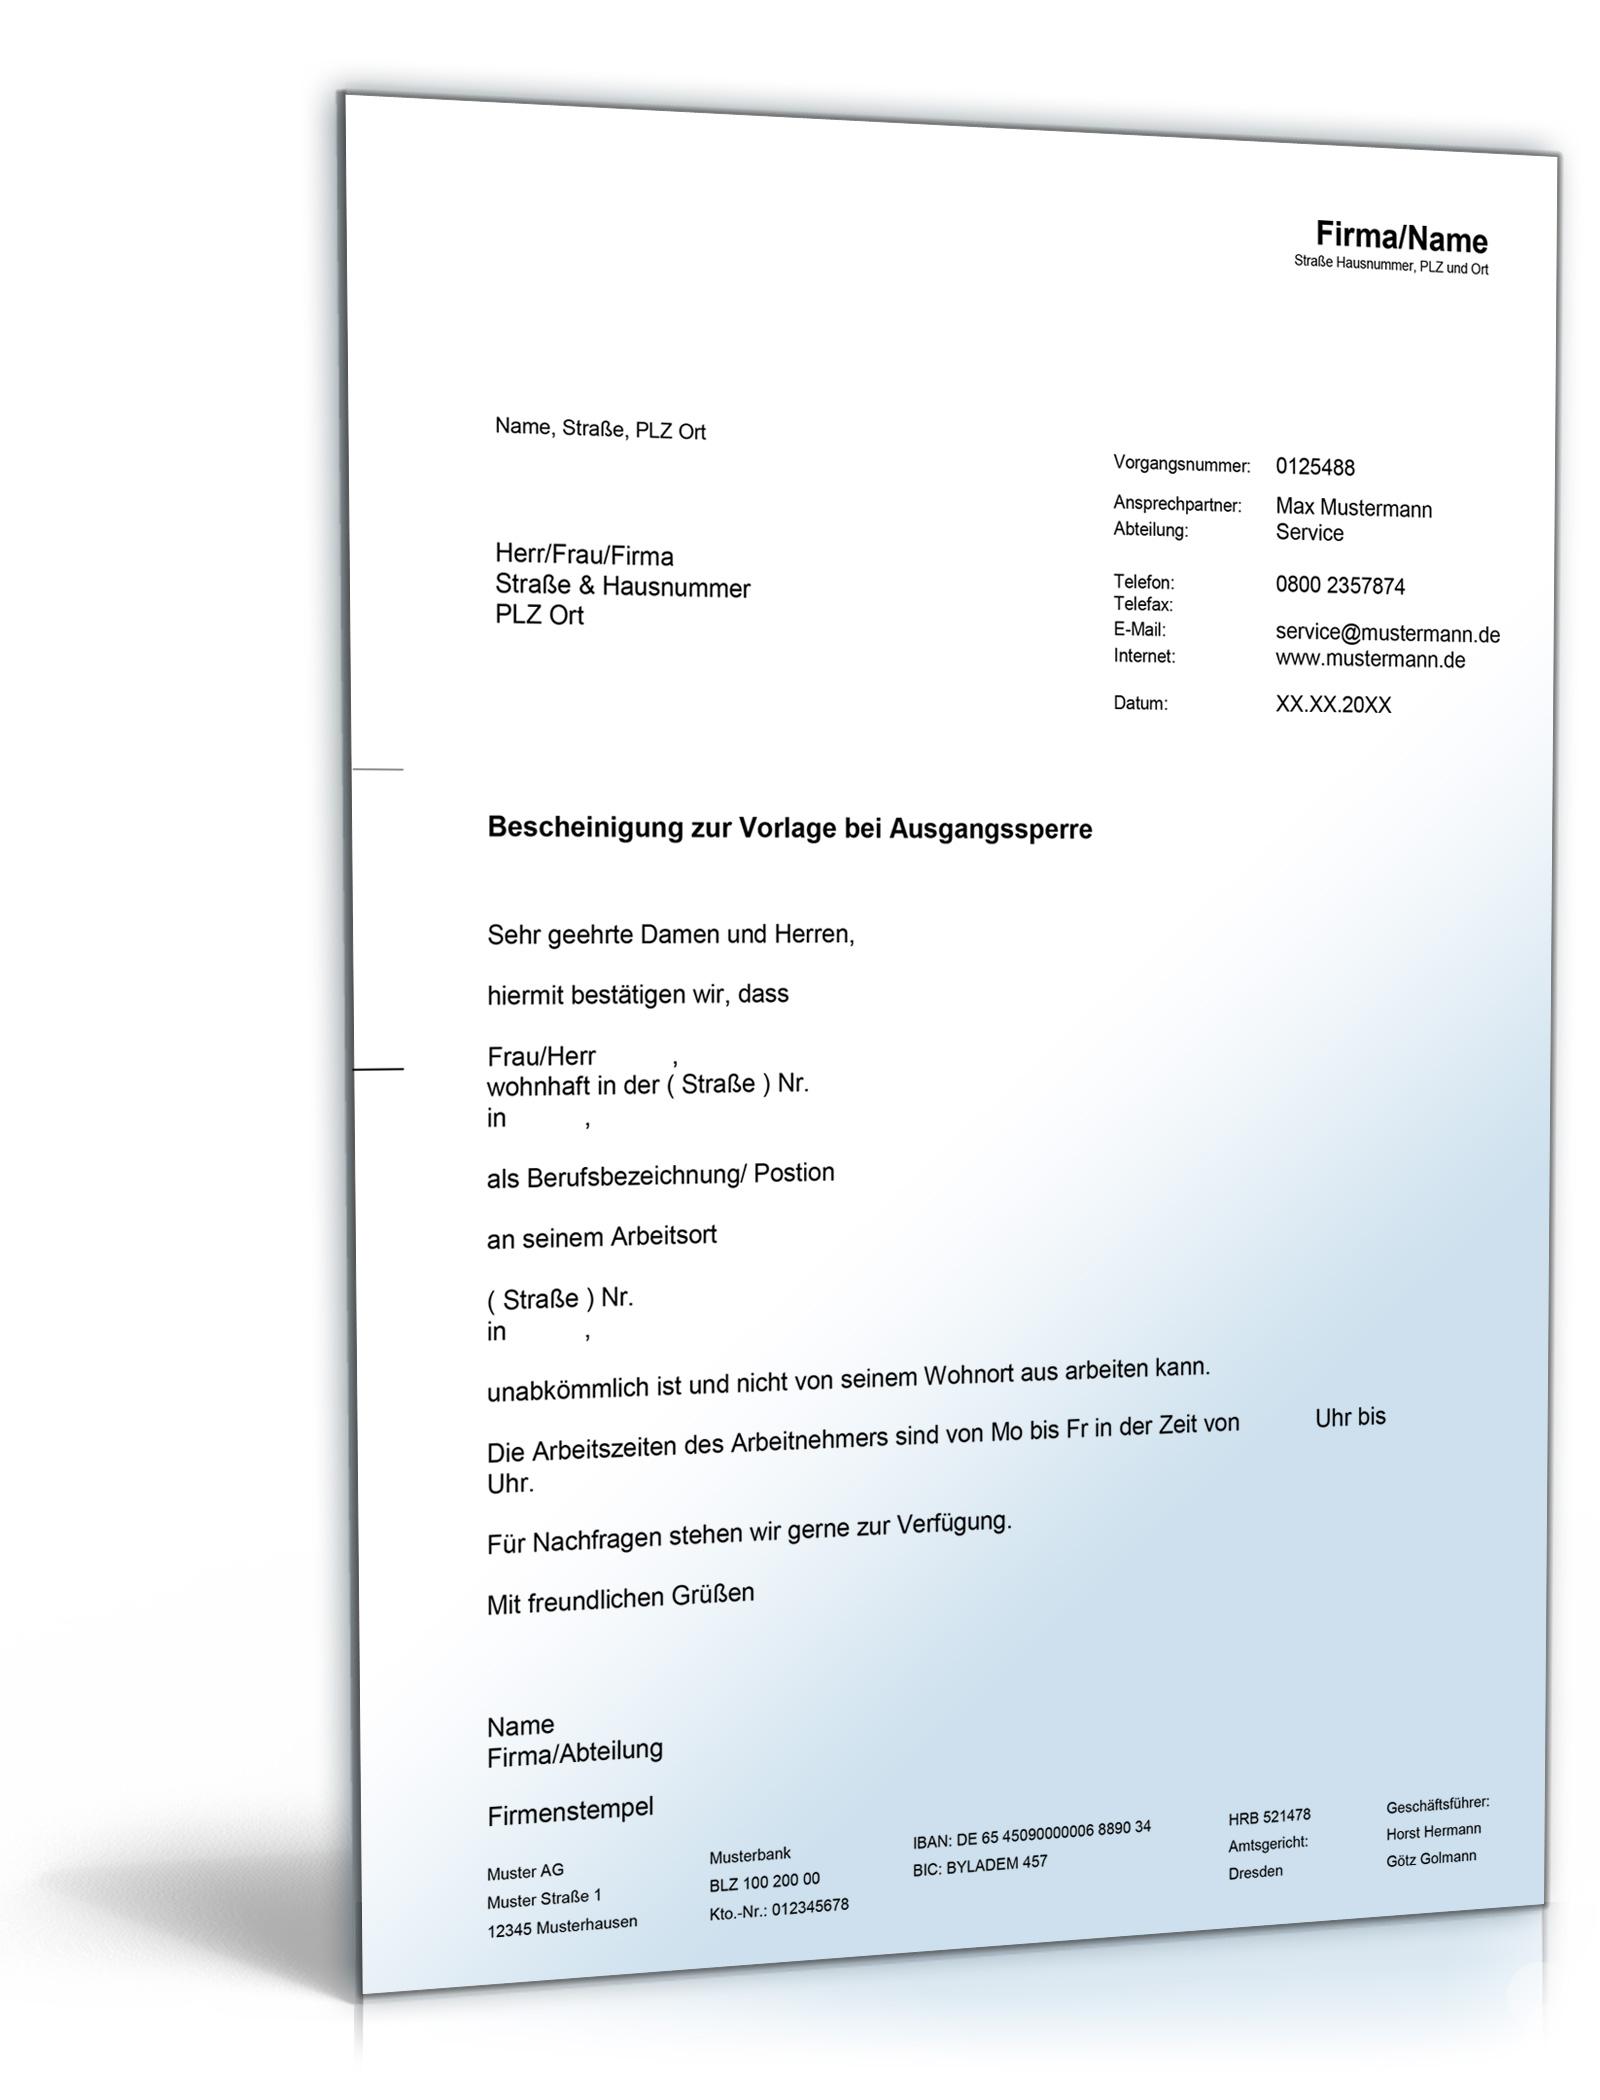 Arbeitgeberbescheinigung bei Ausgangssperre Dokument zum Download